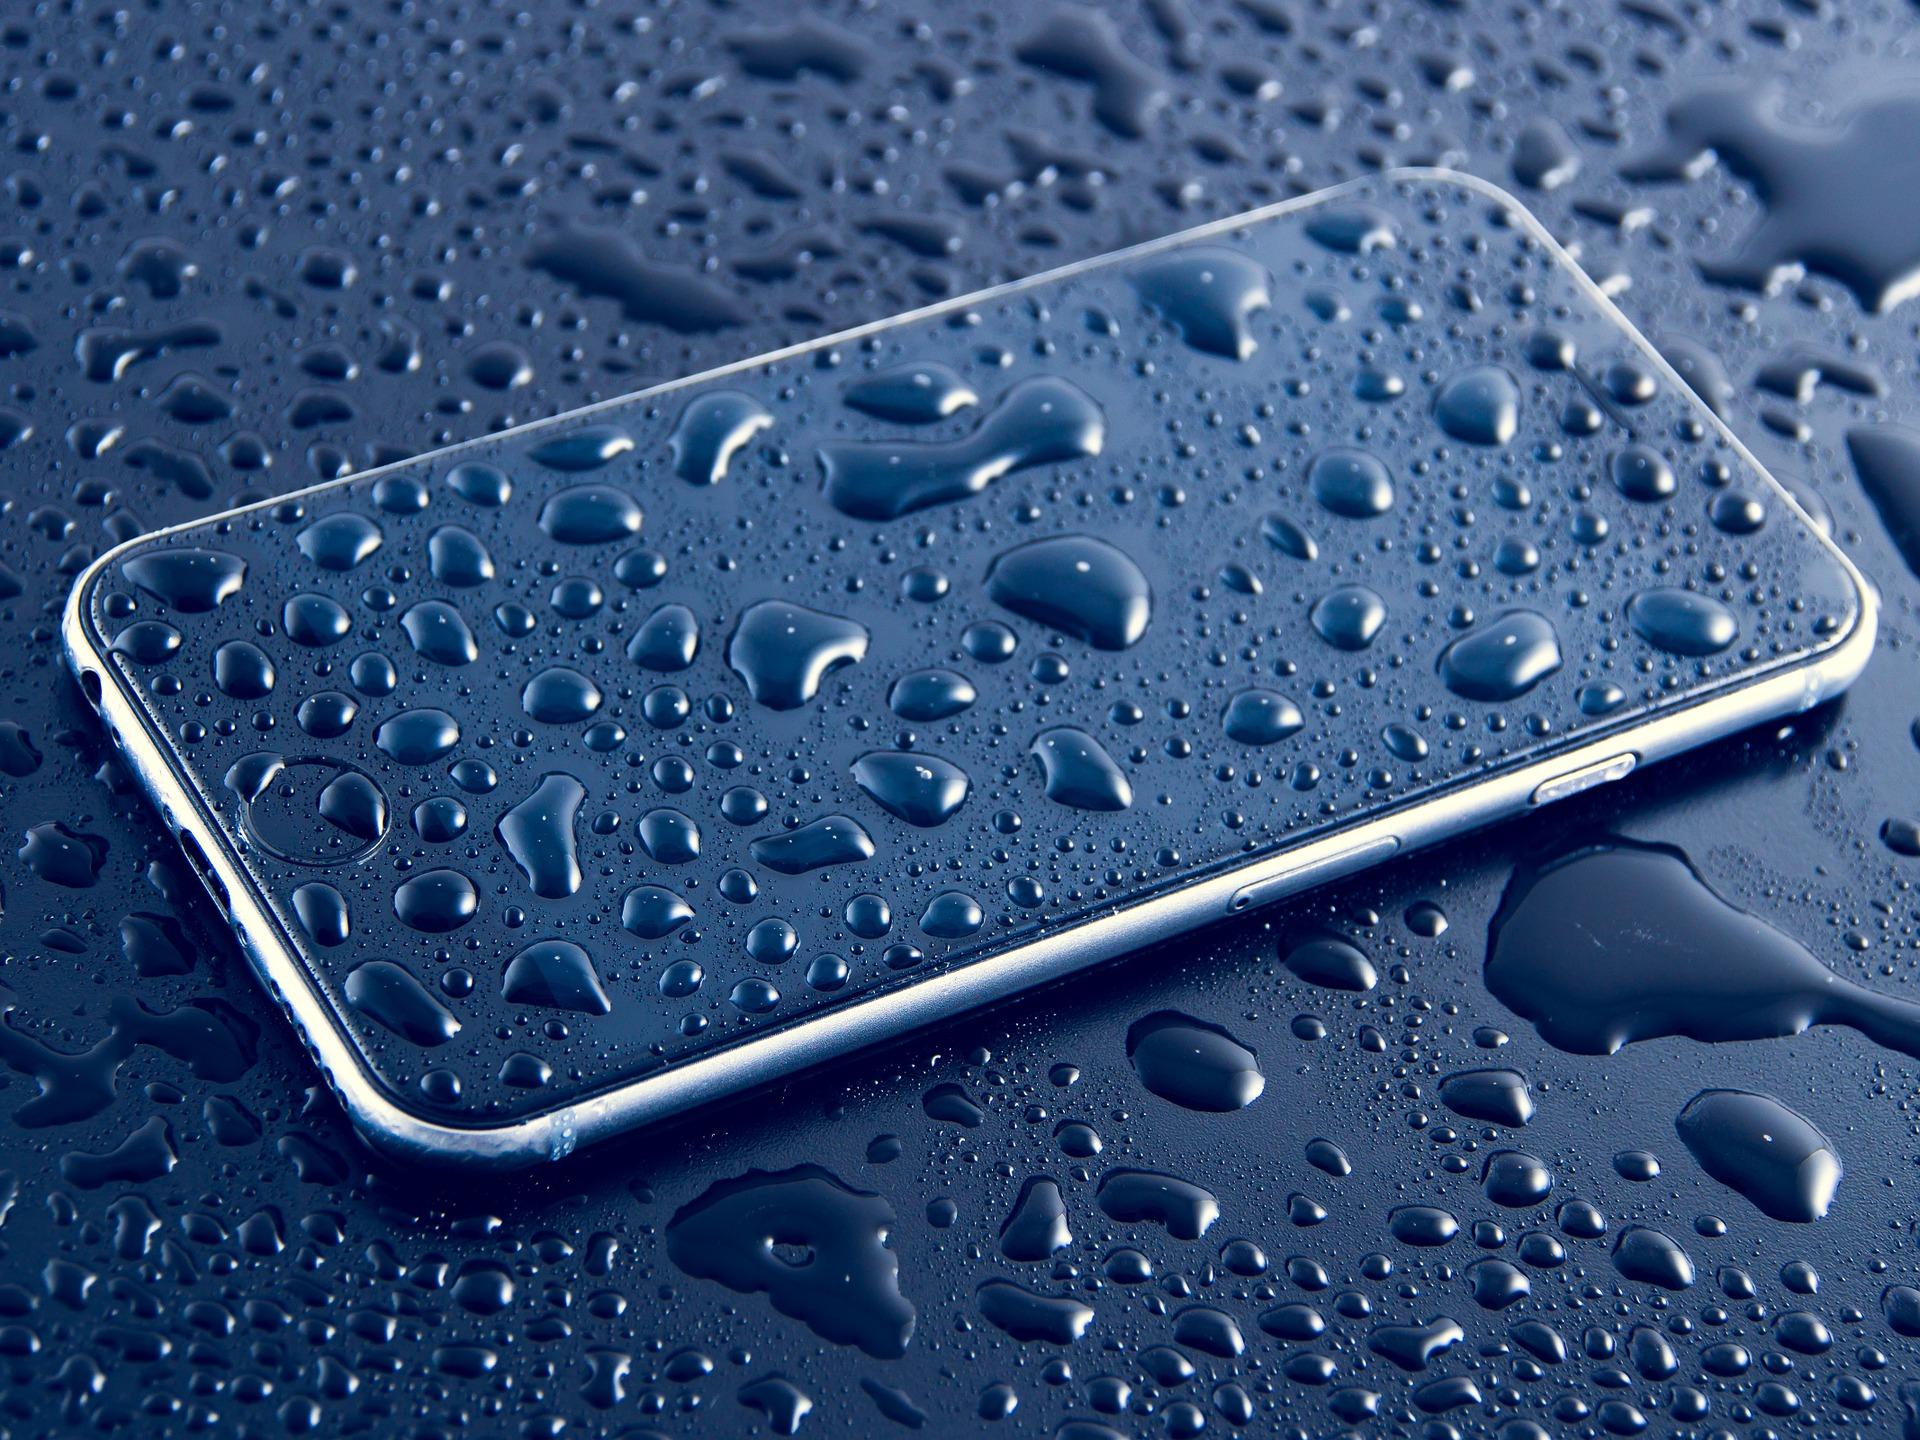 мокрый смартфон, испытания на IP